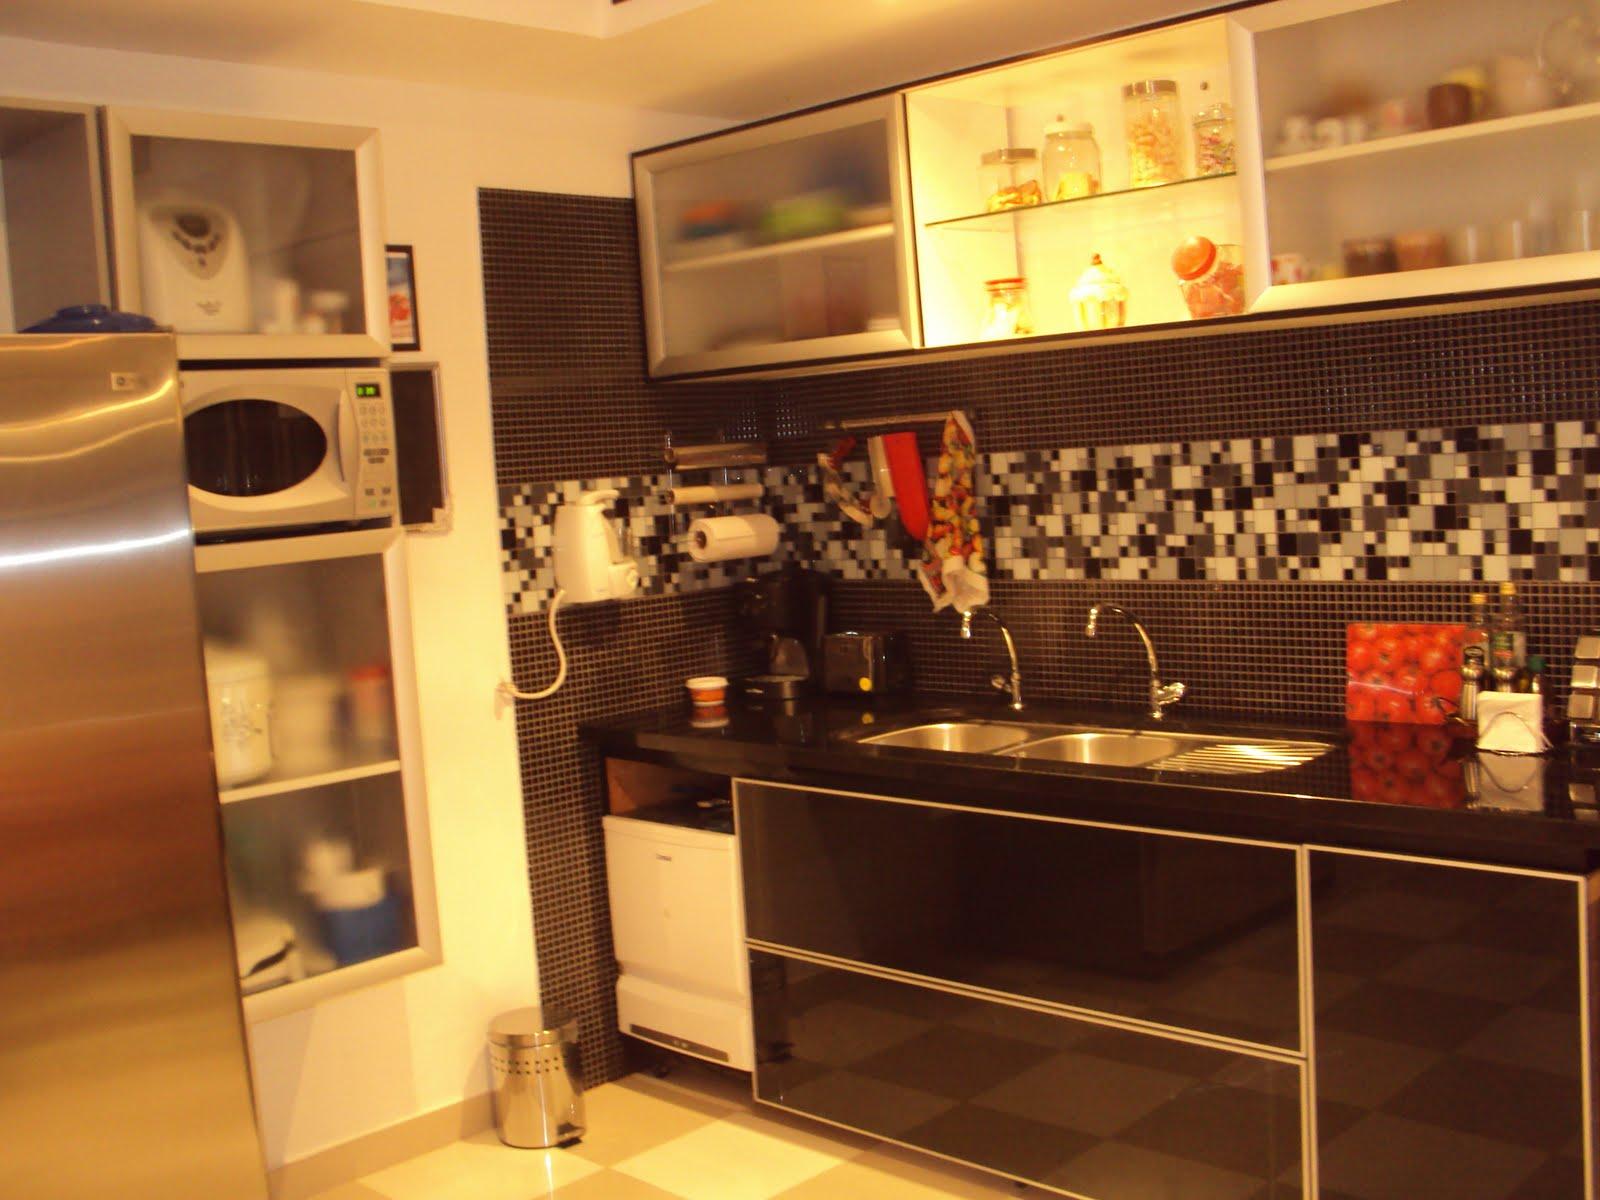 Novos armários na cozinha: gabinete da pia #BD800E 1600 1200